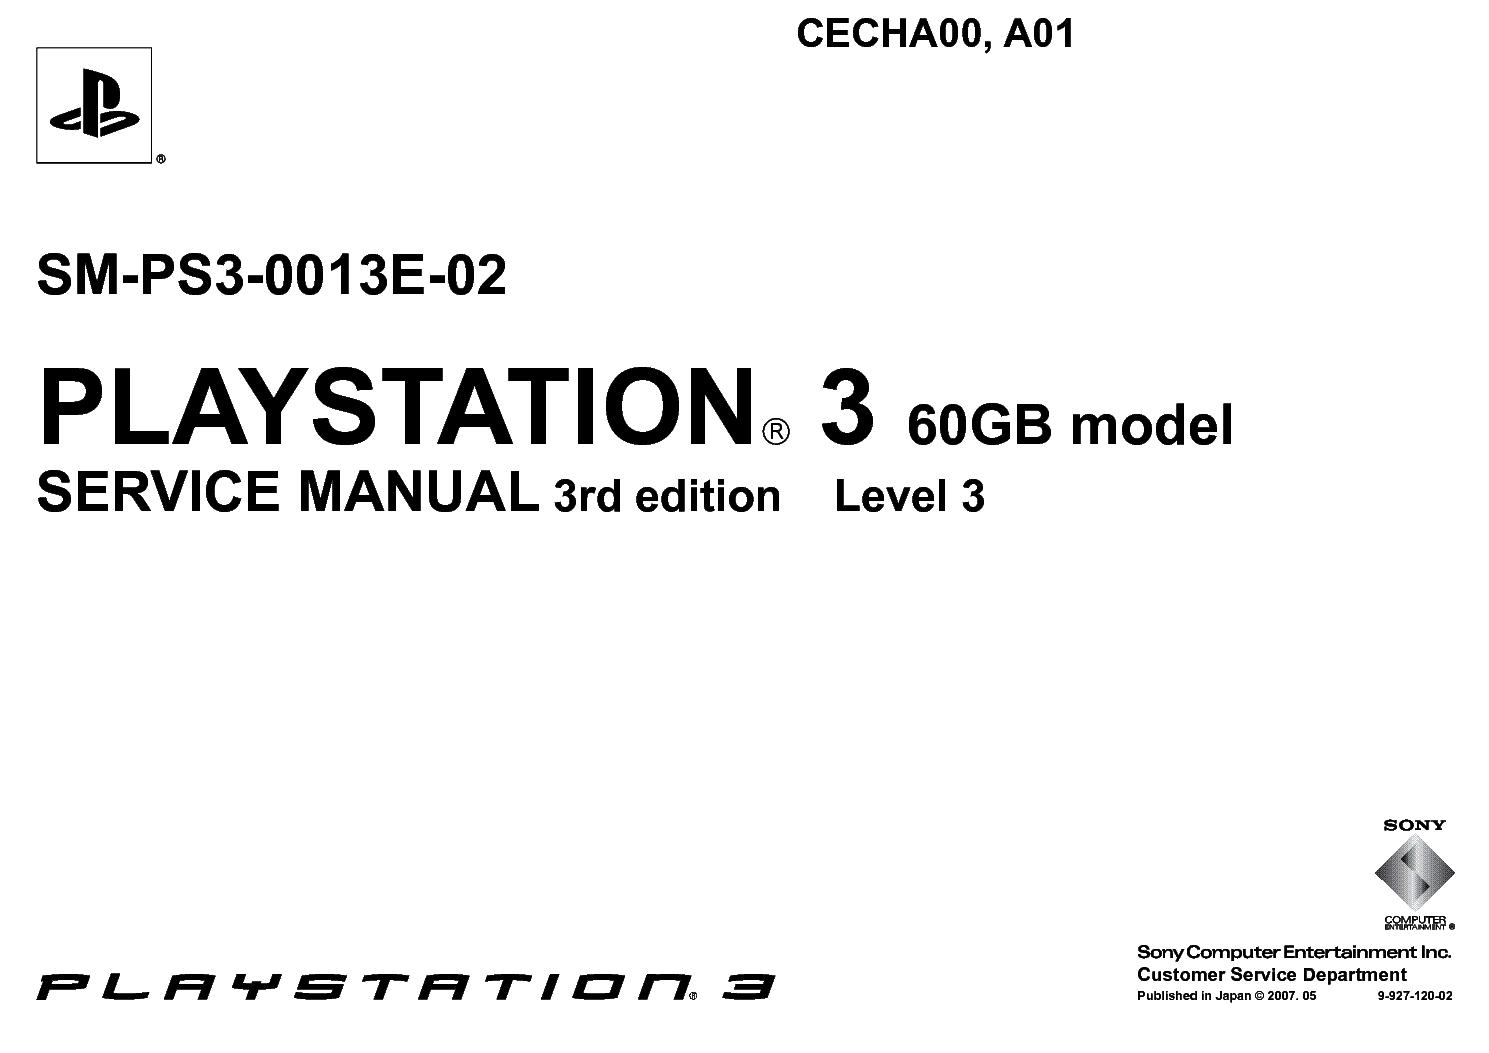 Sony Playstation 3 Cecha00 Cecha01 Sm Ps3 E 02 Service